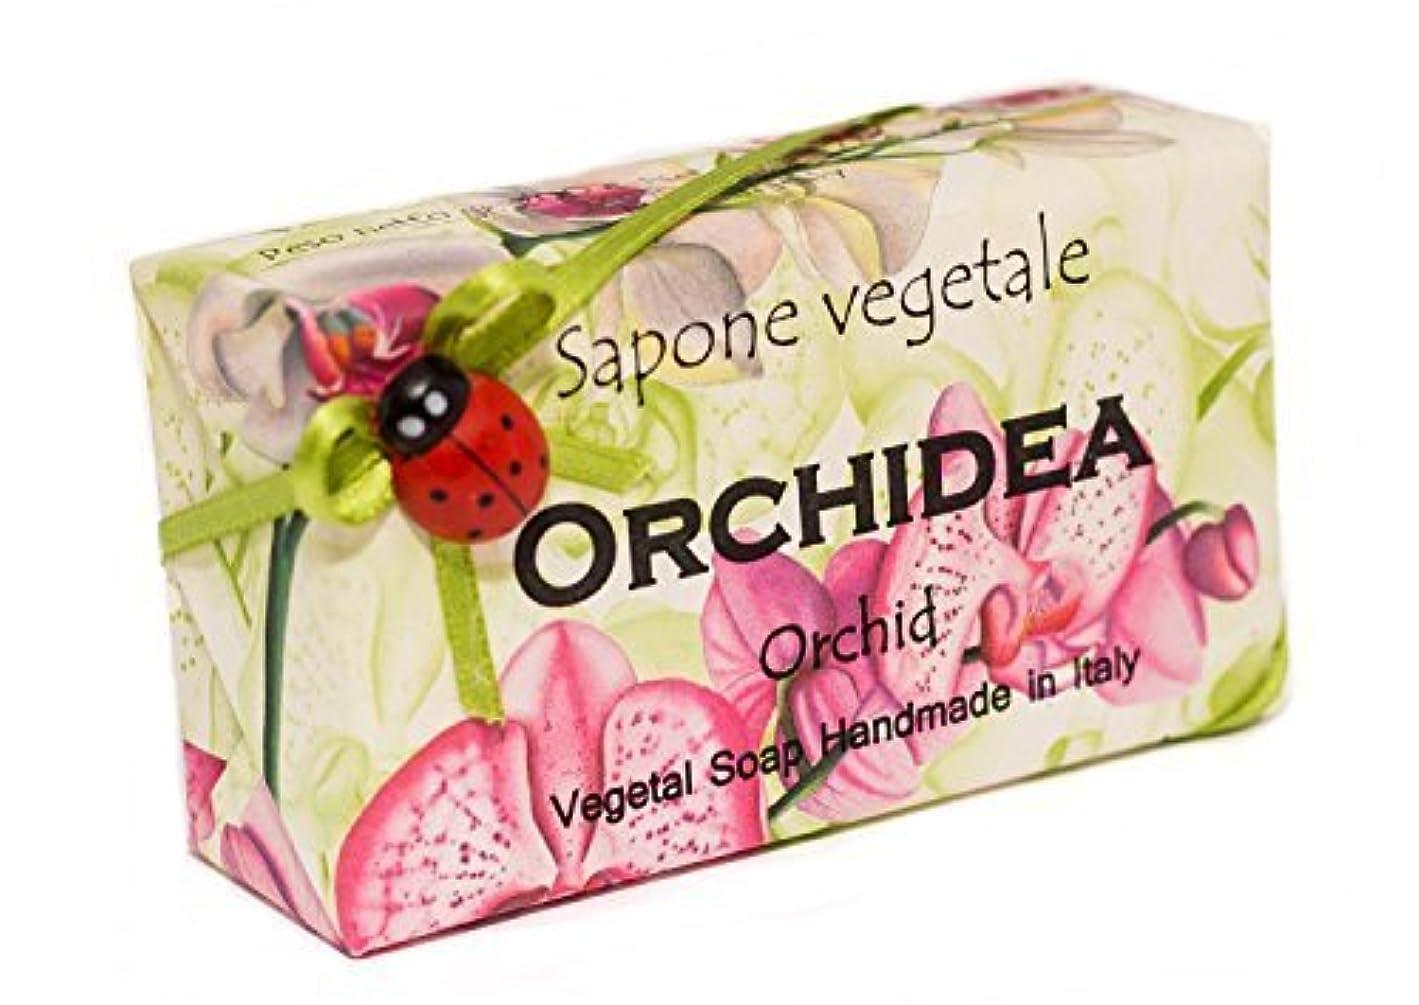 旅行代理店支店同盟Alchimia オルキデア(蘭)、イタリアからの野菜の手作りソープバー [並行輸入品]